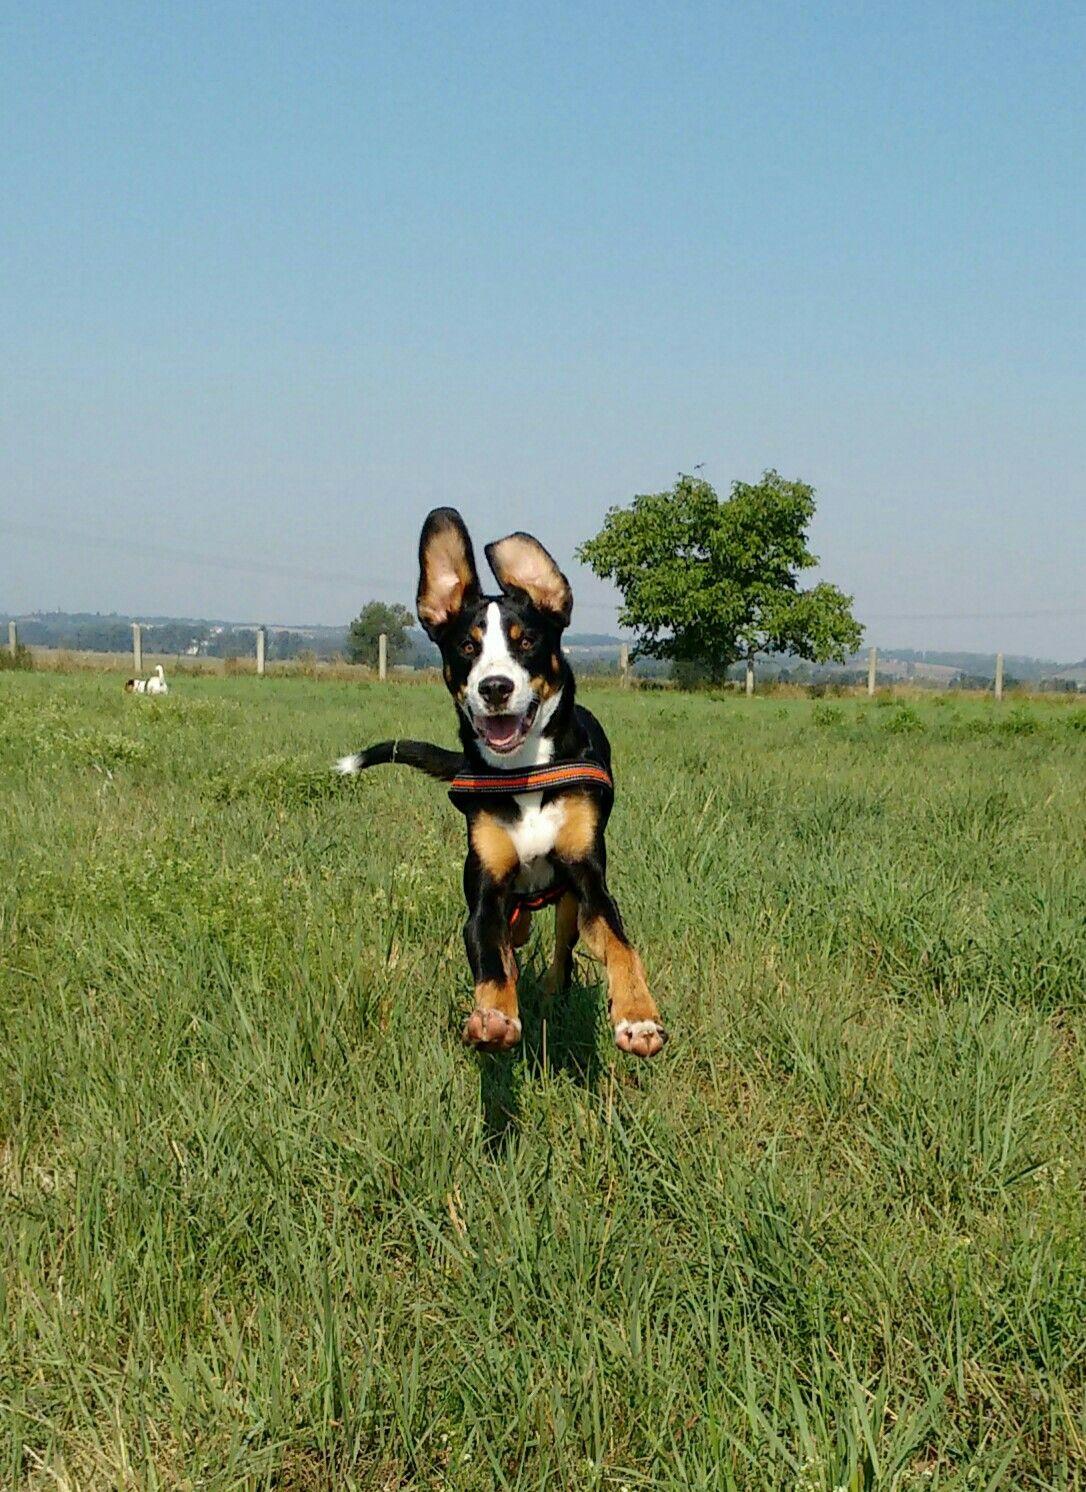 Pin Von Moecku Auf Grosser Schweizer Sennenhund Schweizer Sennenhund Sennenhund Grosser Schweizer Sennenhund